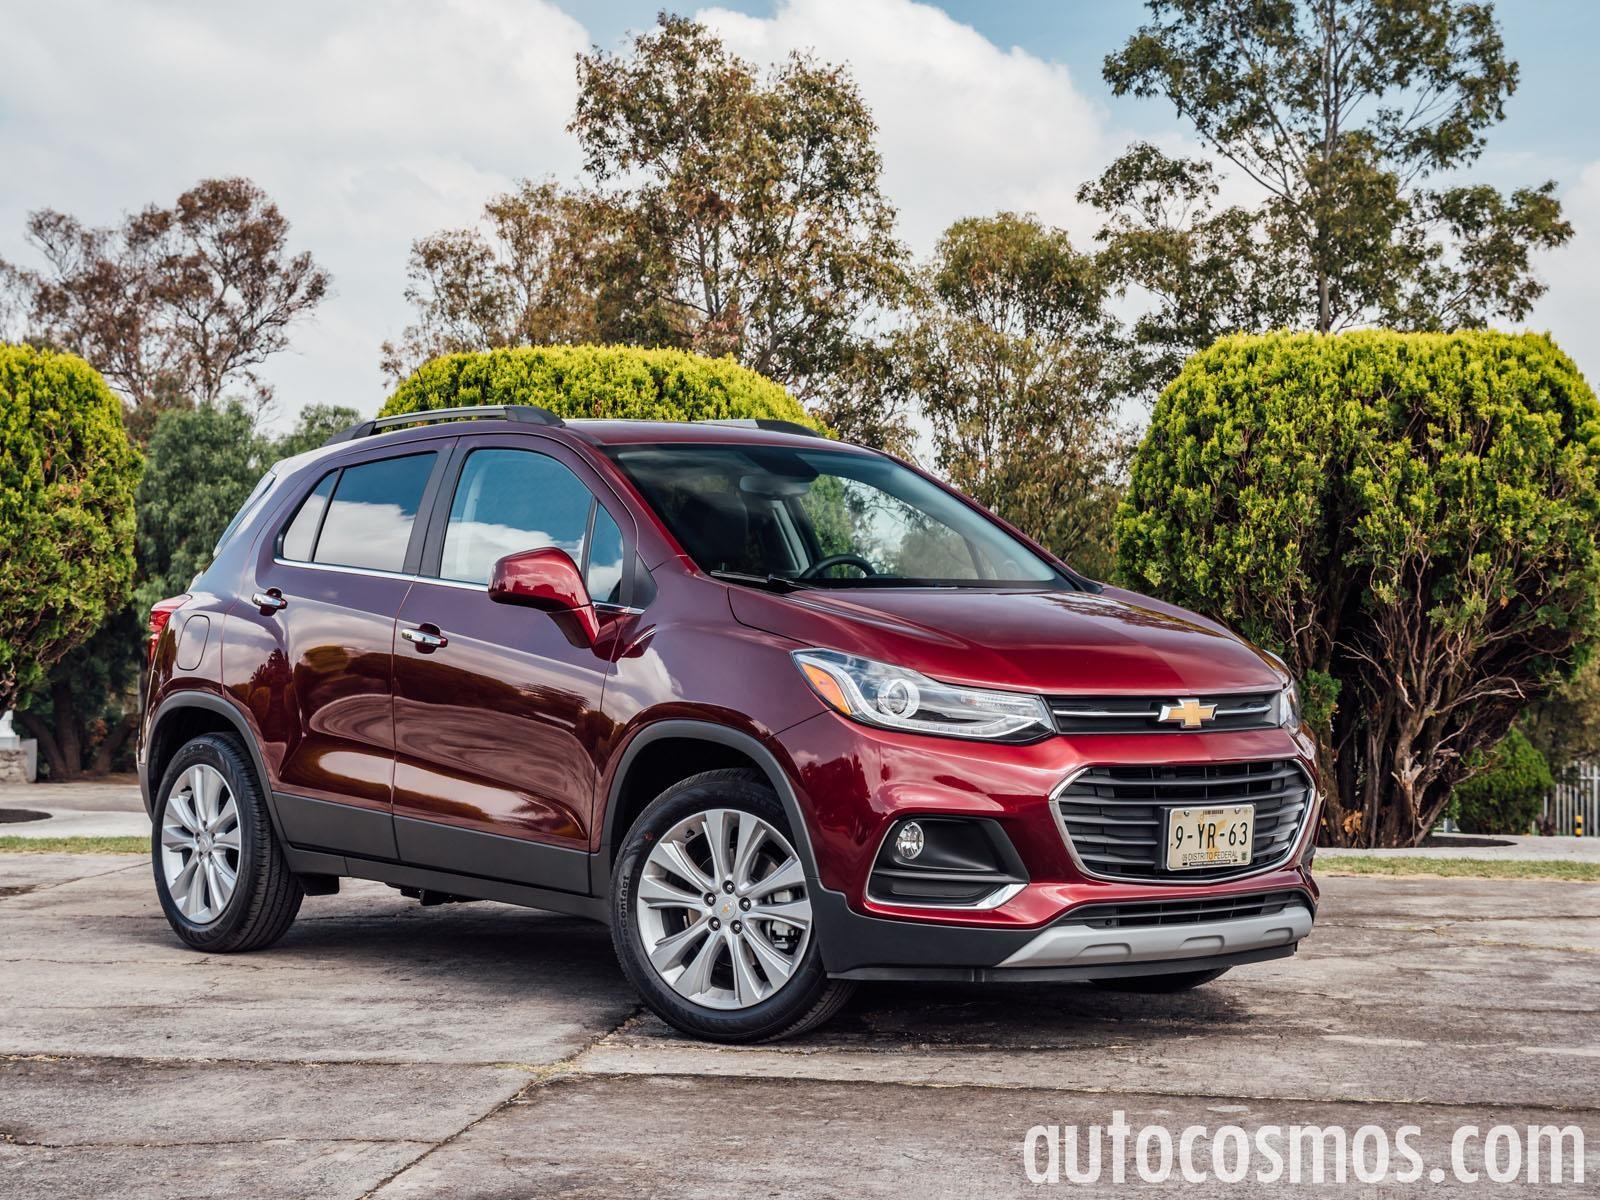 Chevrolet Trax 2017 a prueba - Autocosmos.com